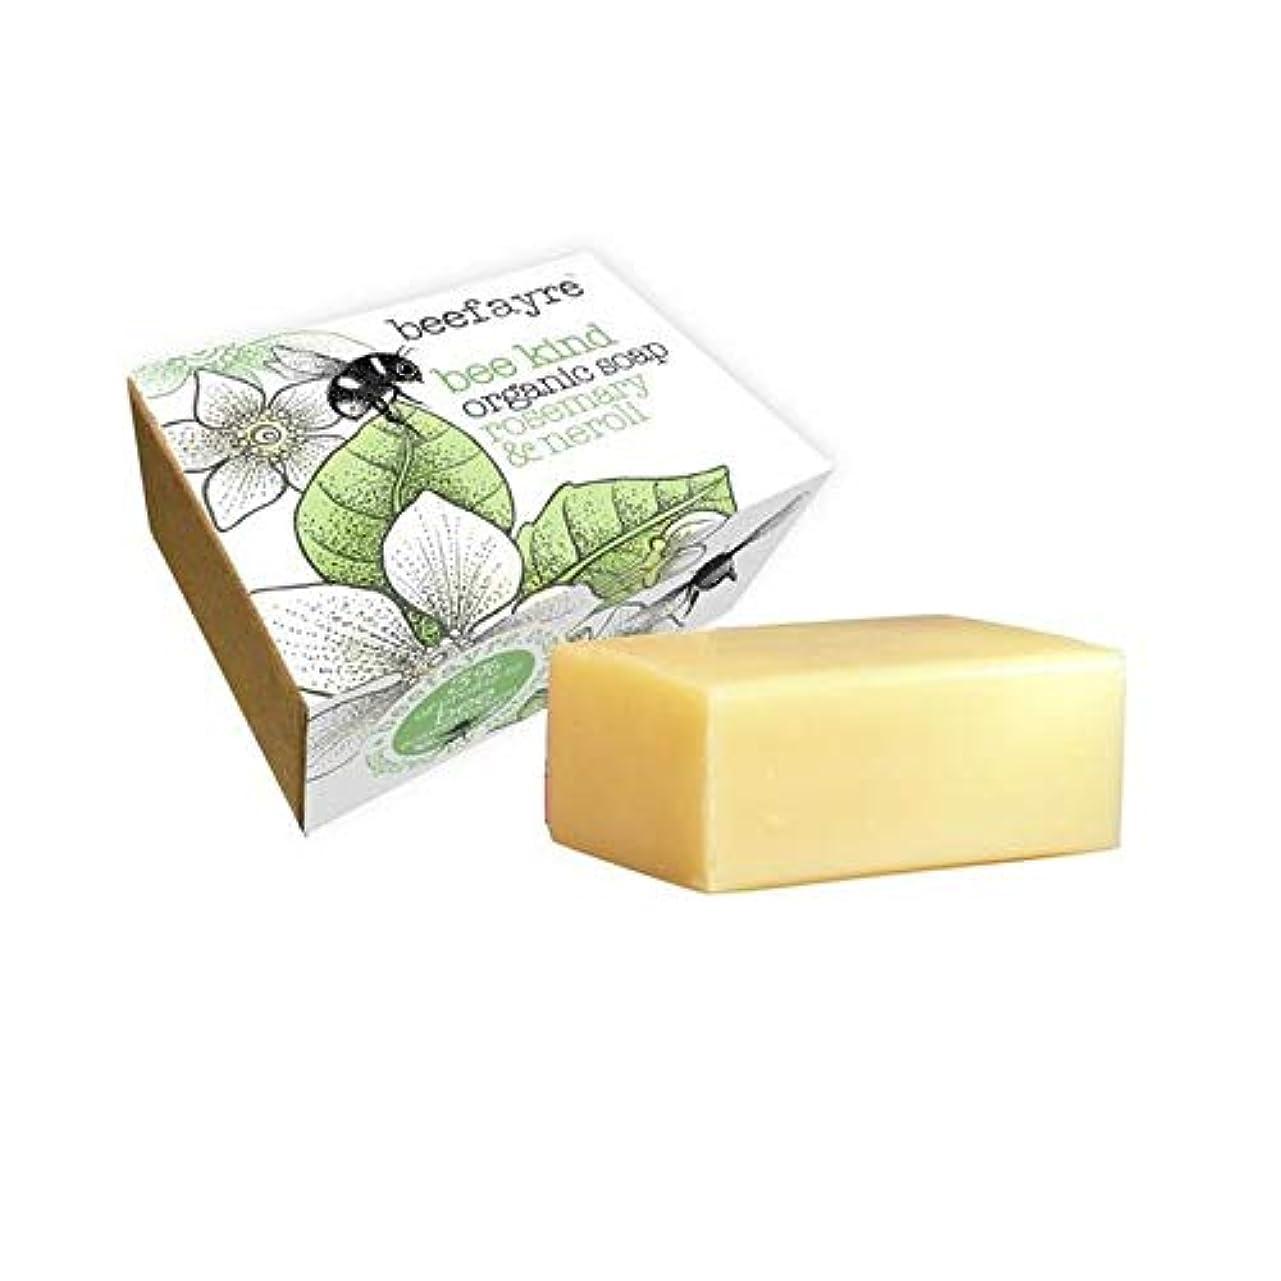 入植者チェスをするオアシス[Beefayre] 有機ローズマリー&ネロリソープバー100グラムBeefayre - Beefayre Organic Rosemary & Neroli Soap Bar 100g [並行輸入品]